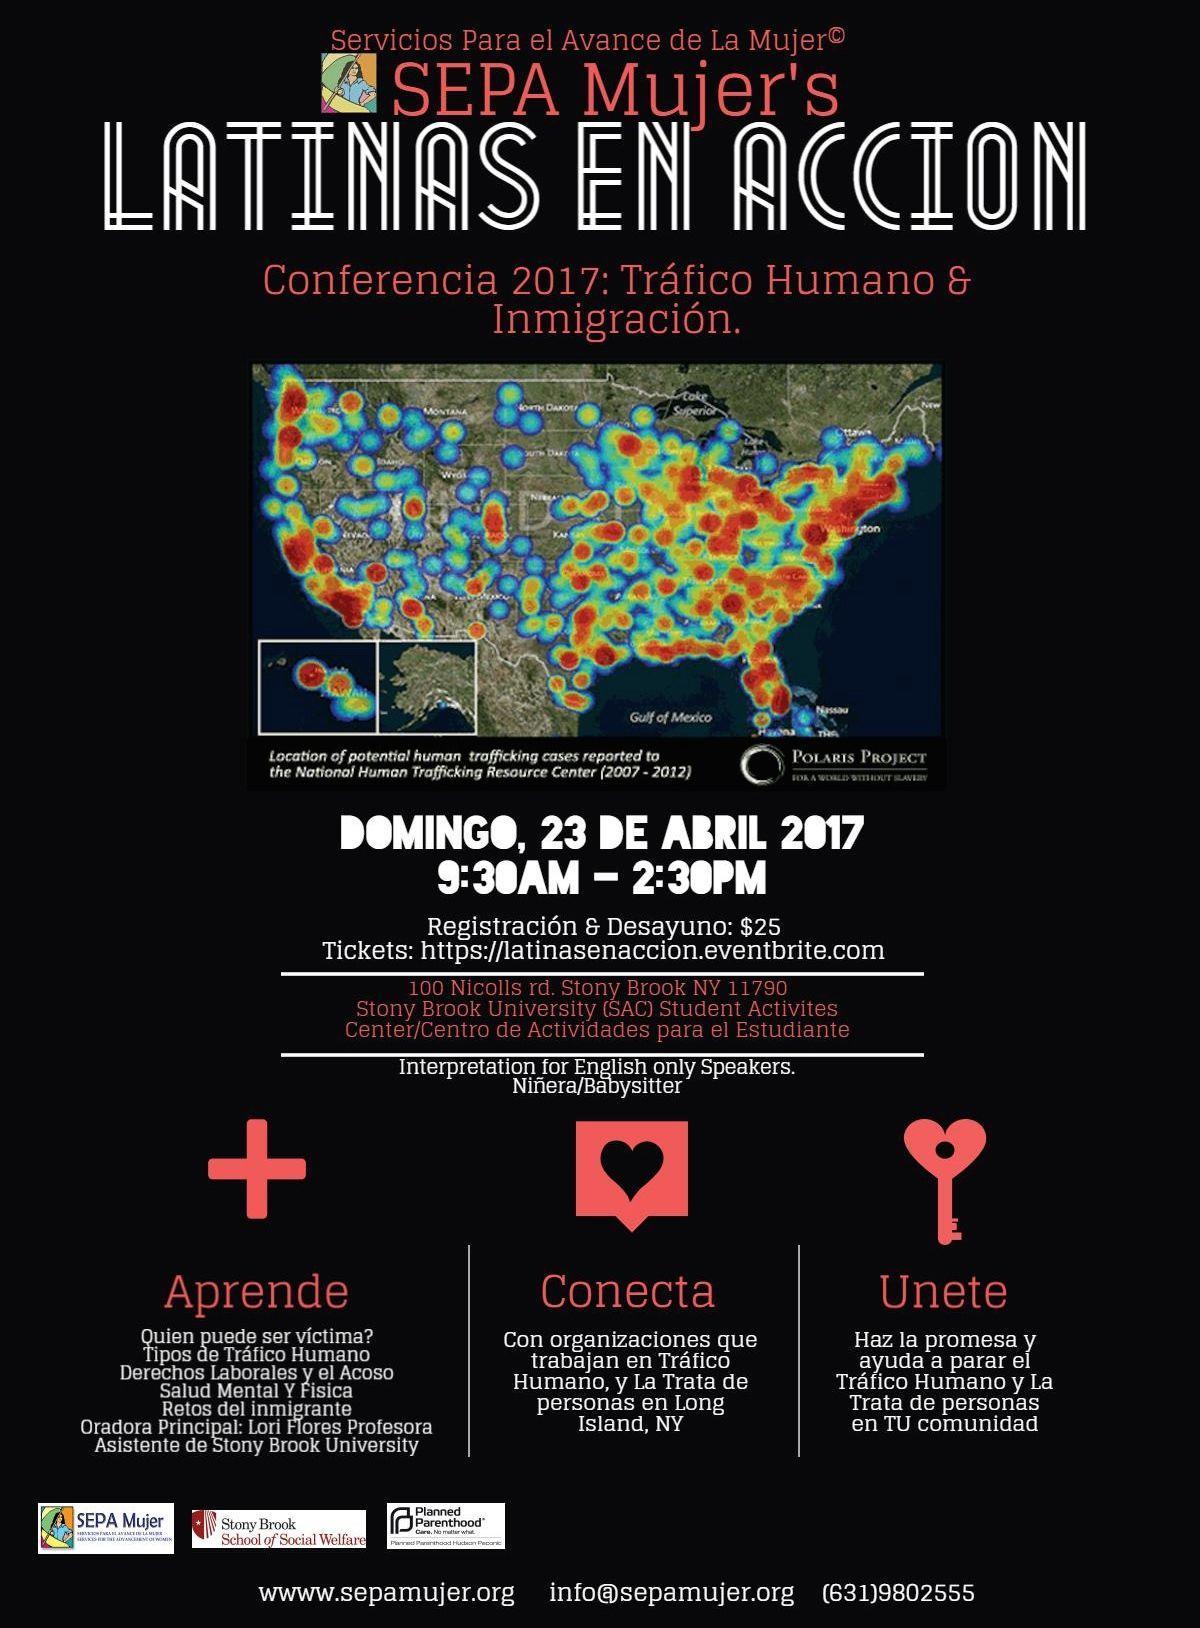 Latinas en Accion 2017 Conference